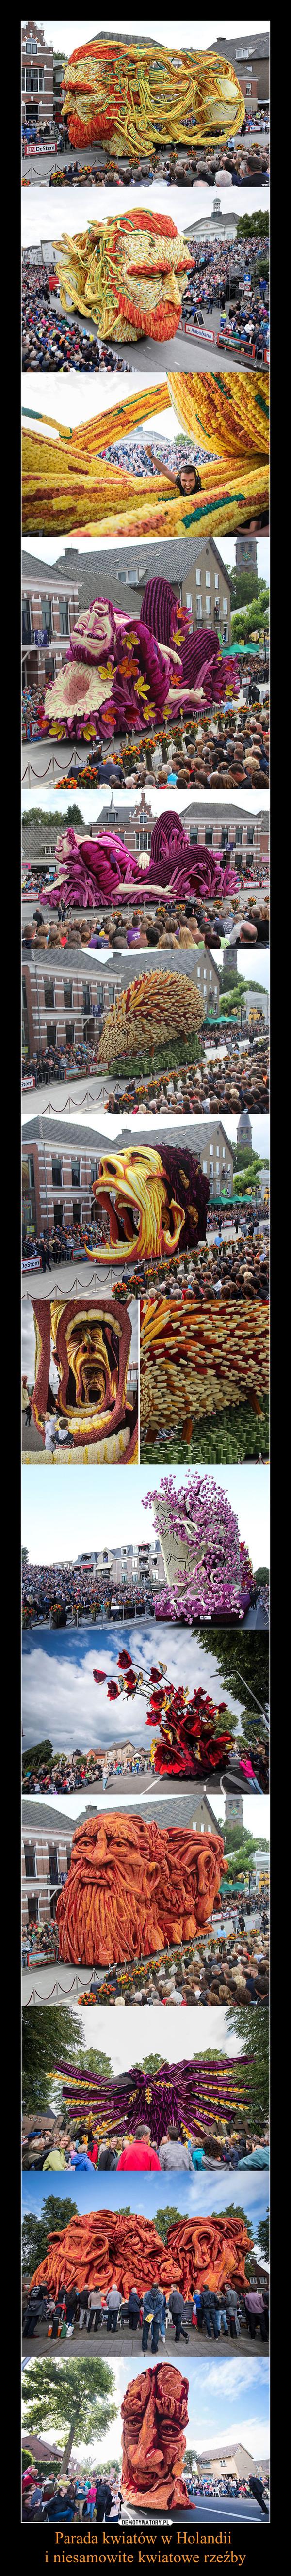 Parada kwiatów w Holandii i niesamowite kwiatowe rzeźby –